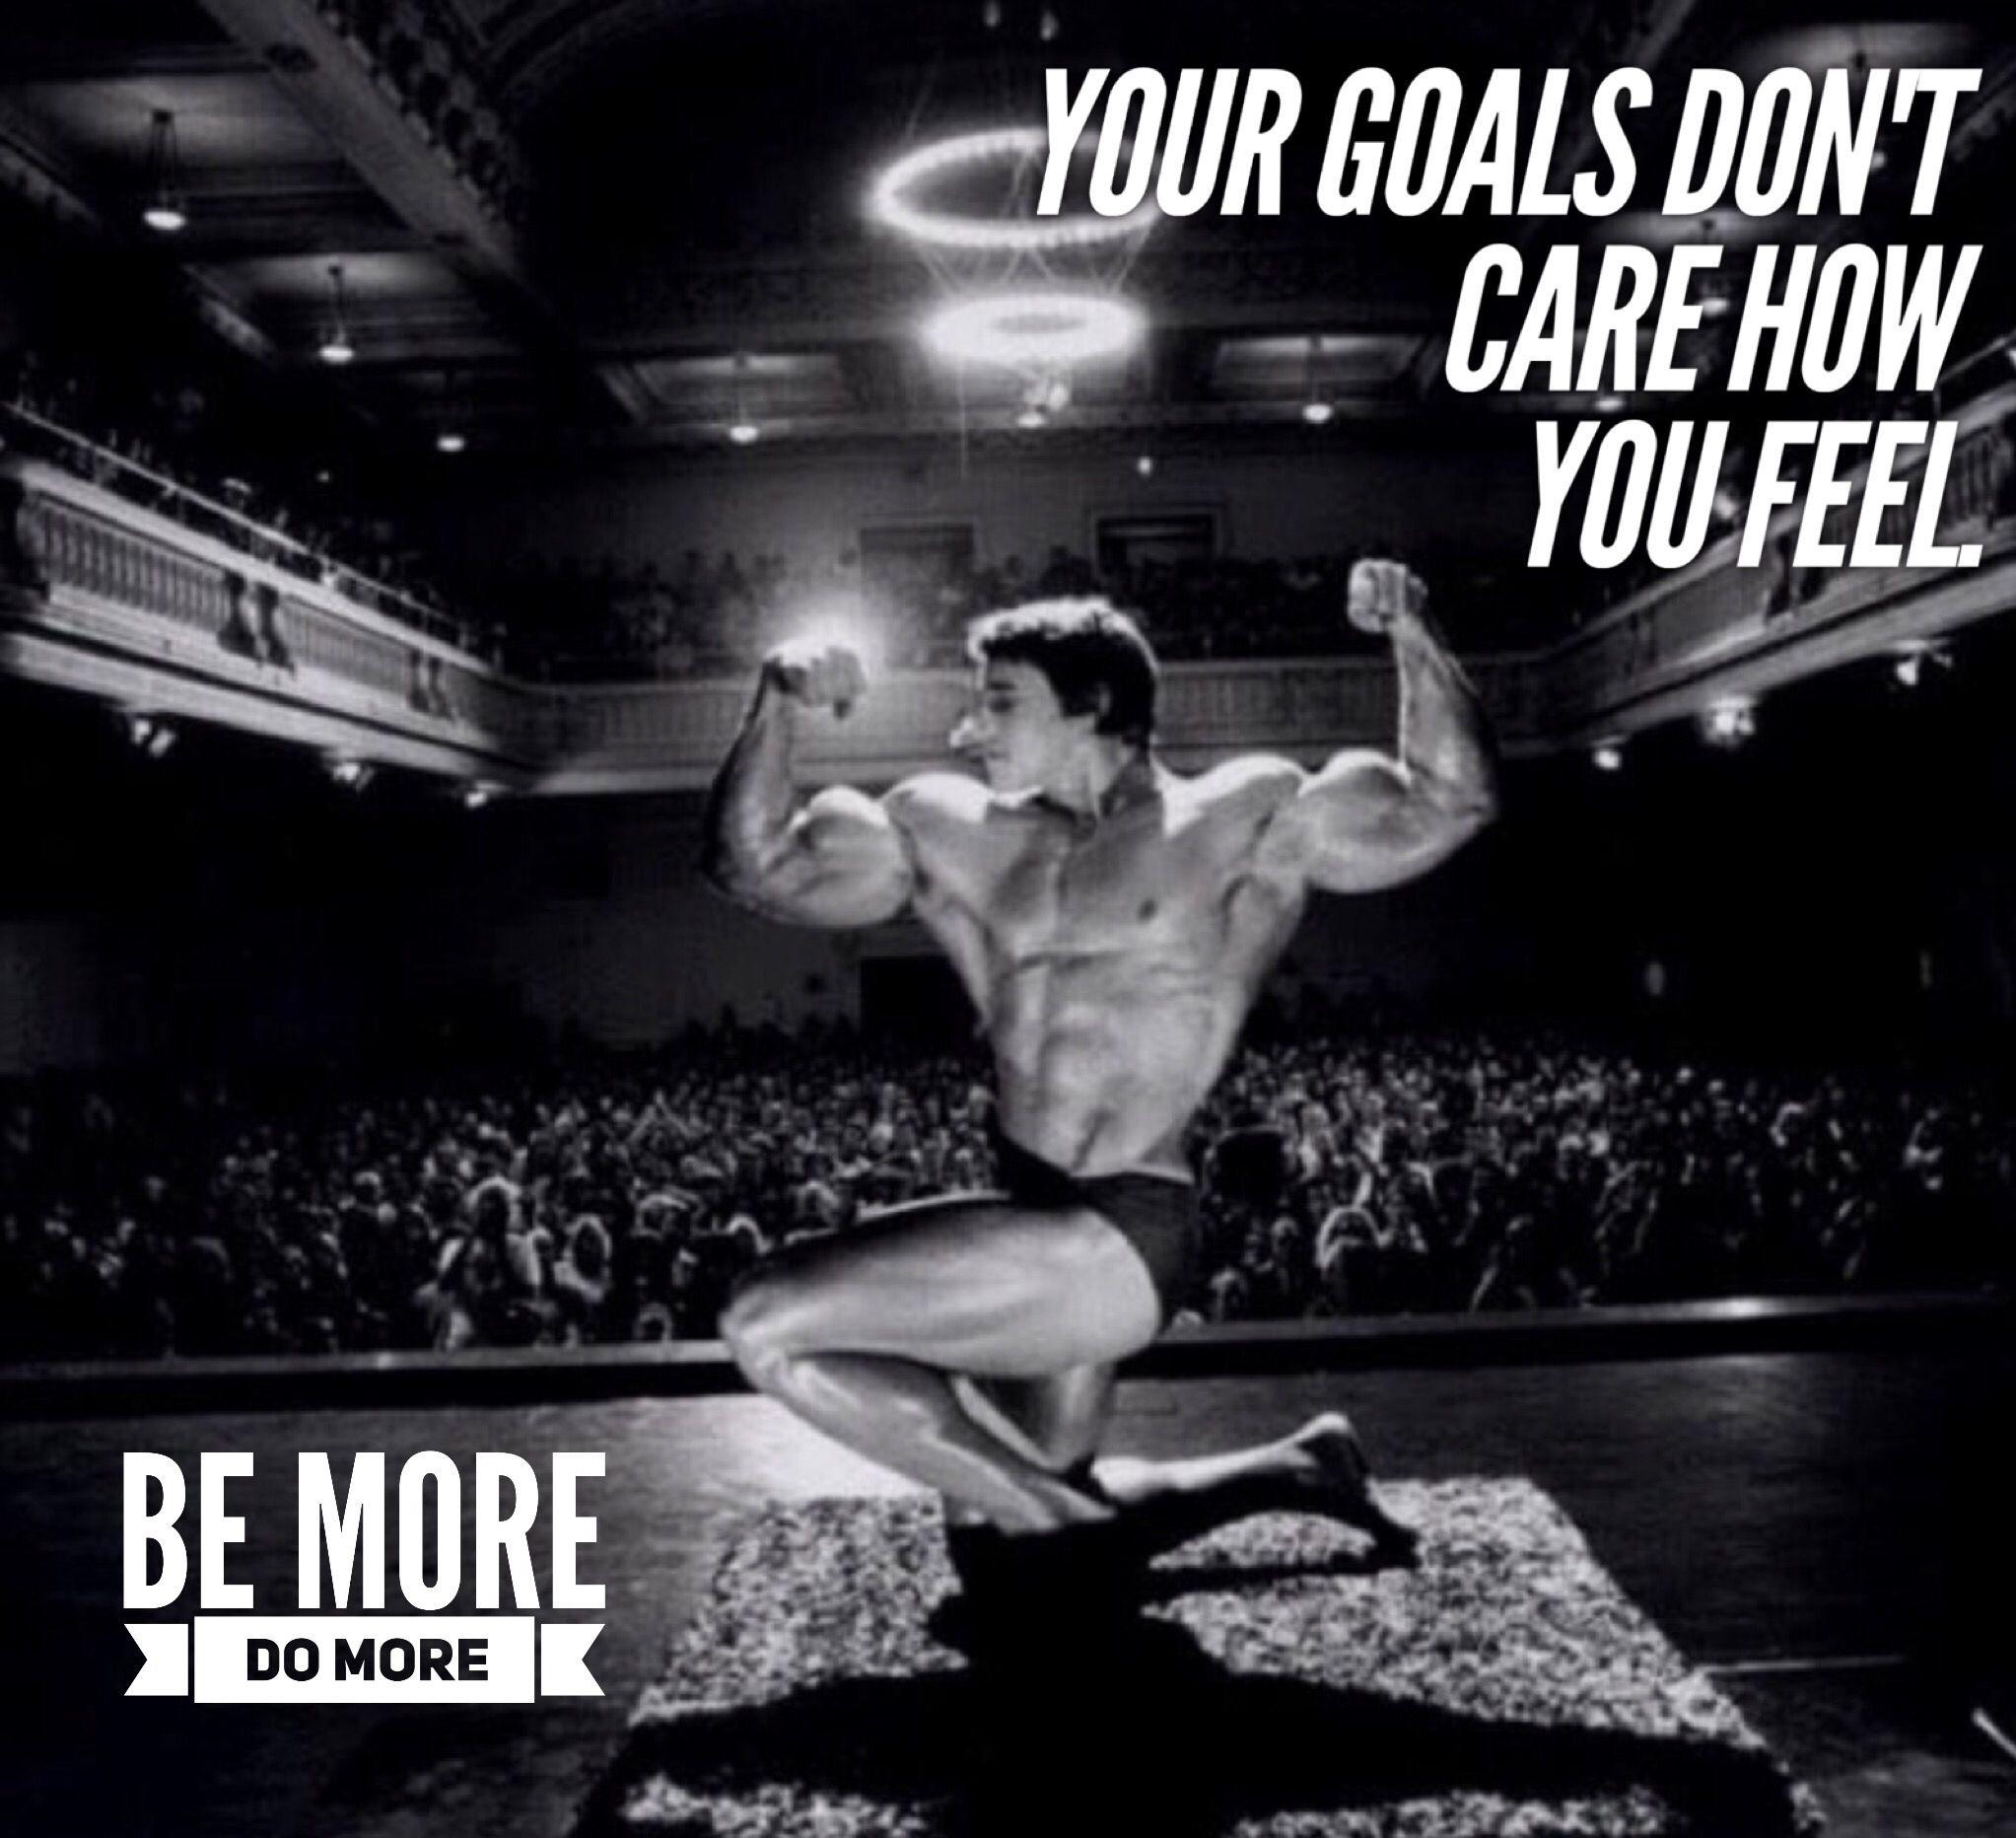 BeMoreDoMore Arnold Schwarzenegger